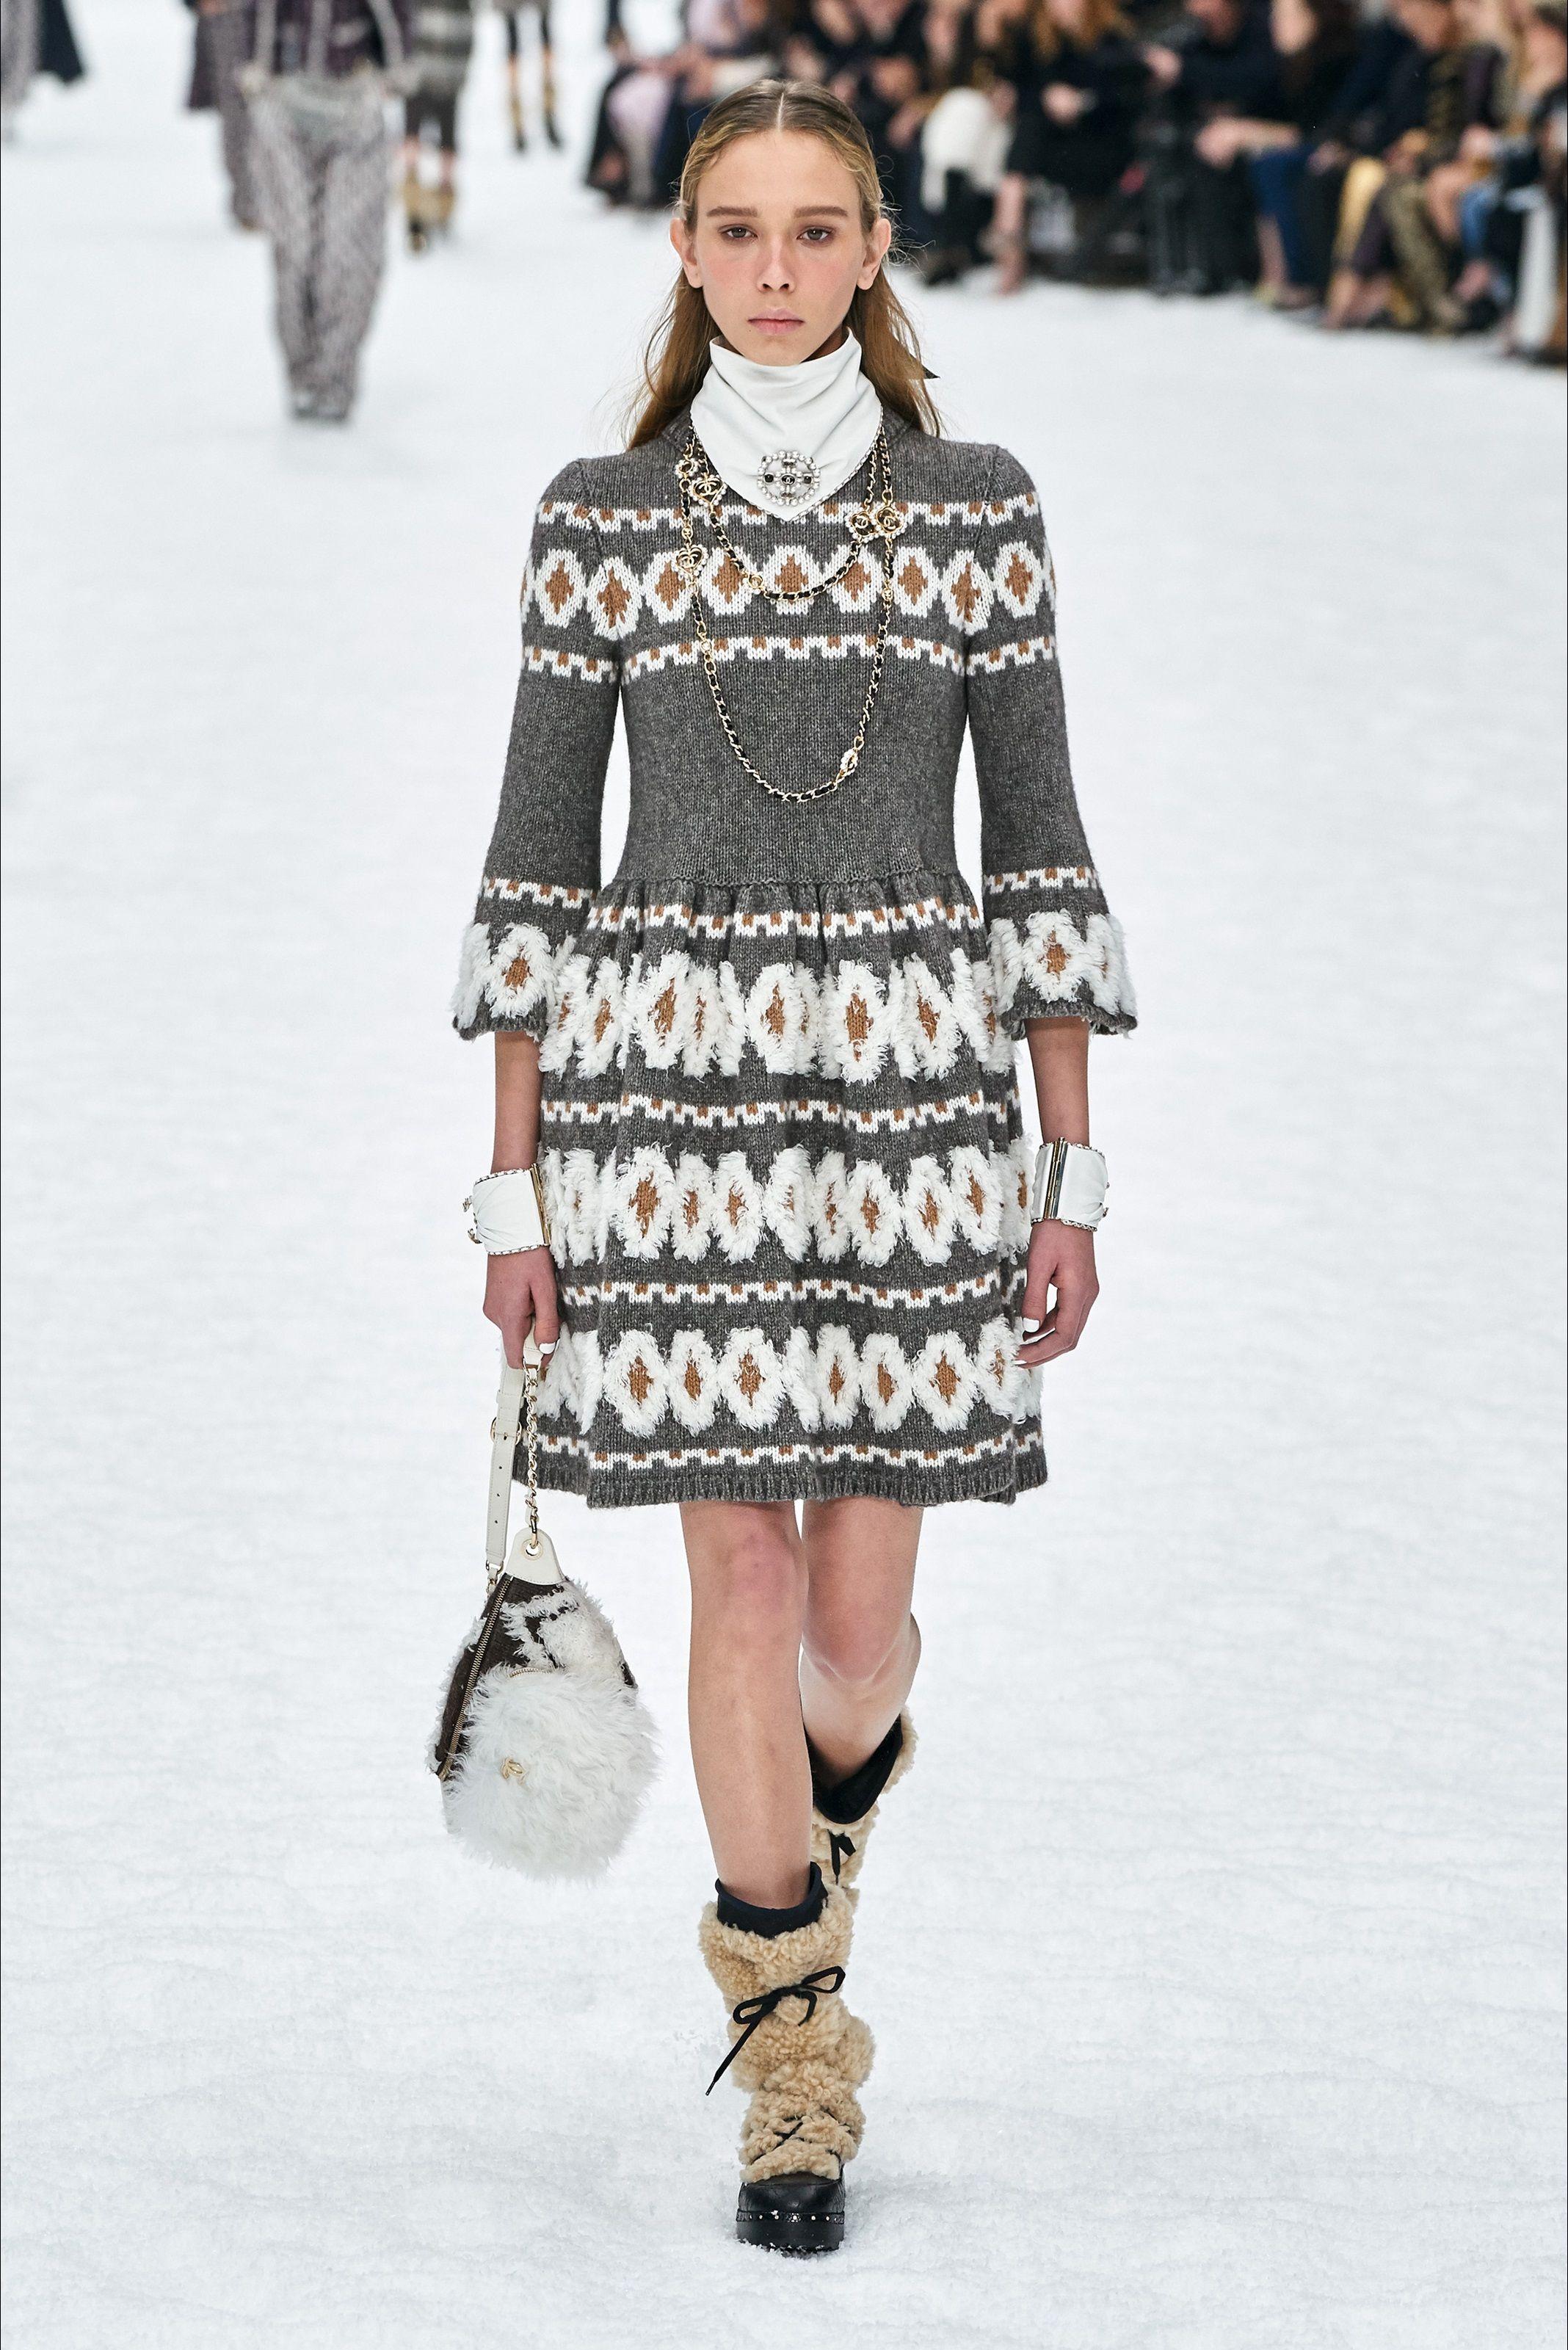 quality design 207d6 a5ec8 Sfilata Chanel Parigi - Collezioni Autunno Inverno 2019-20 ...